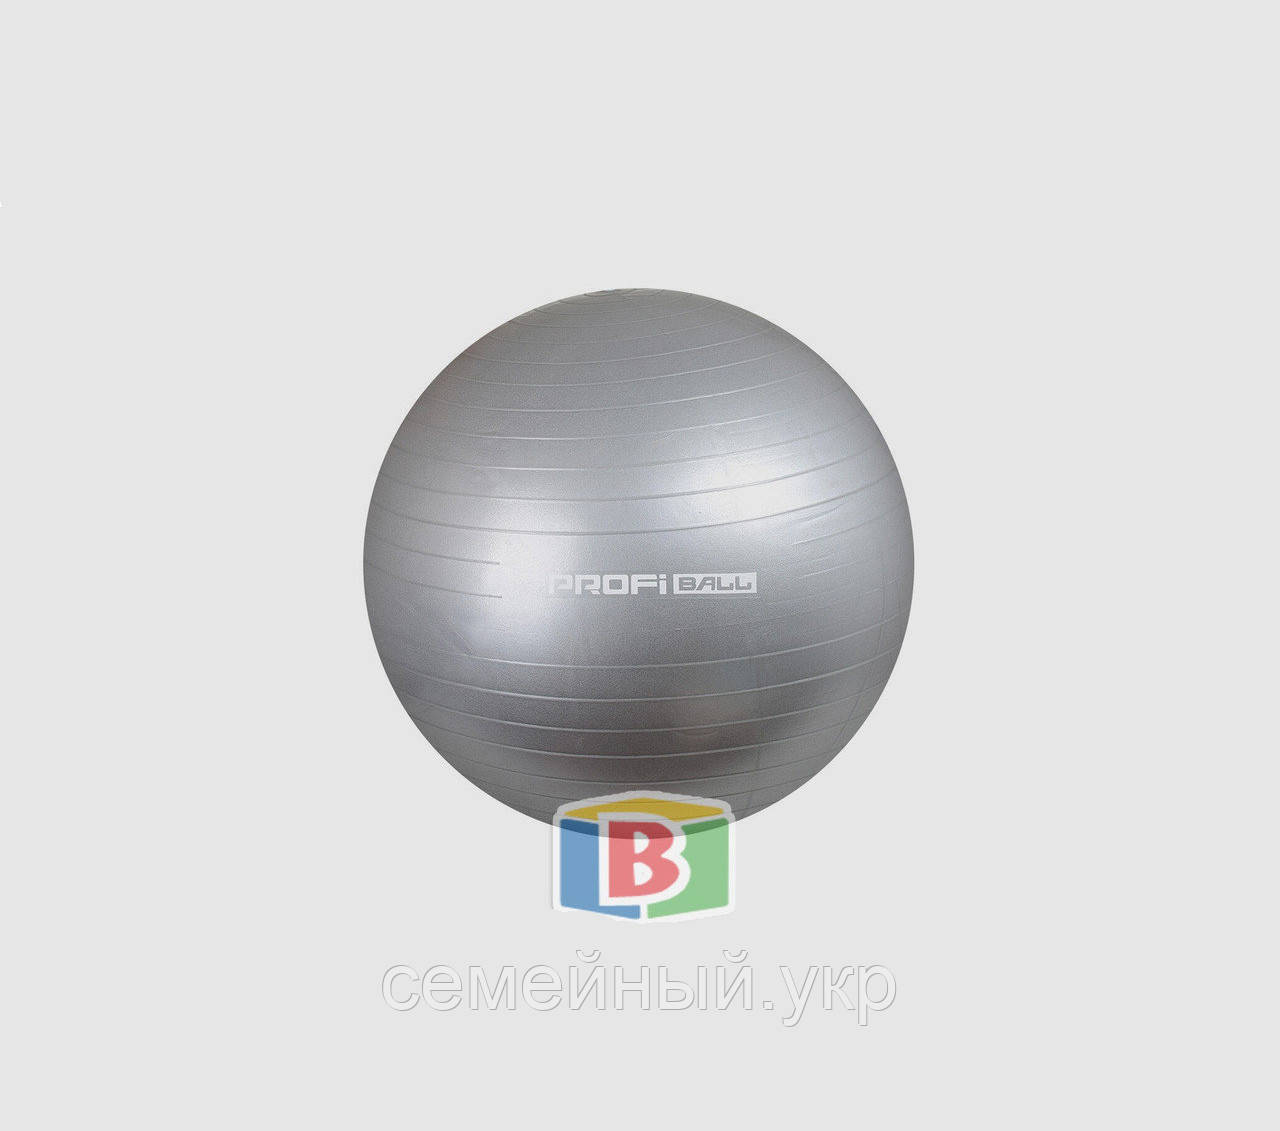 Гимнастический мяч для фитнеса. Цвет: серый. Диаметр: 75 см.